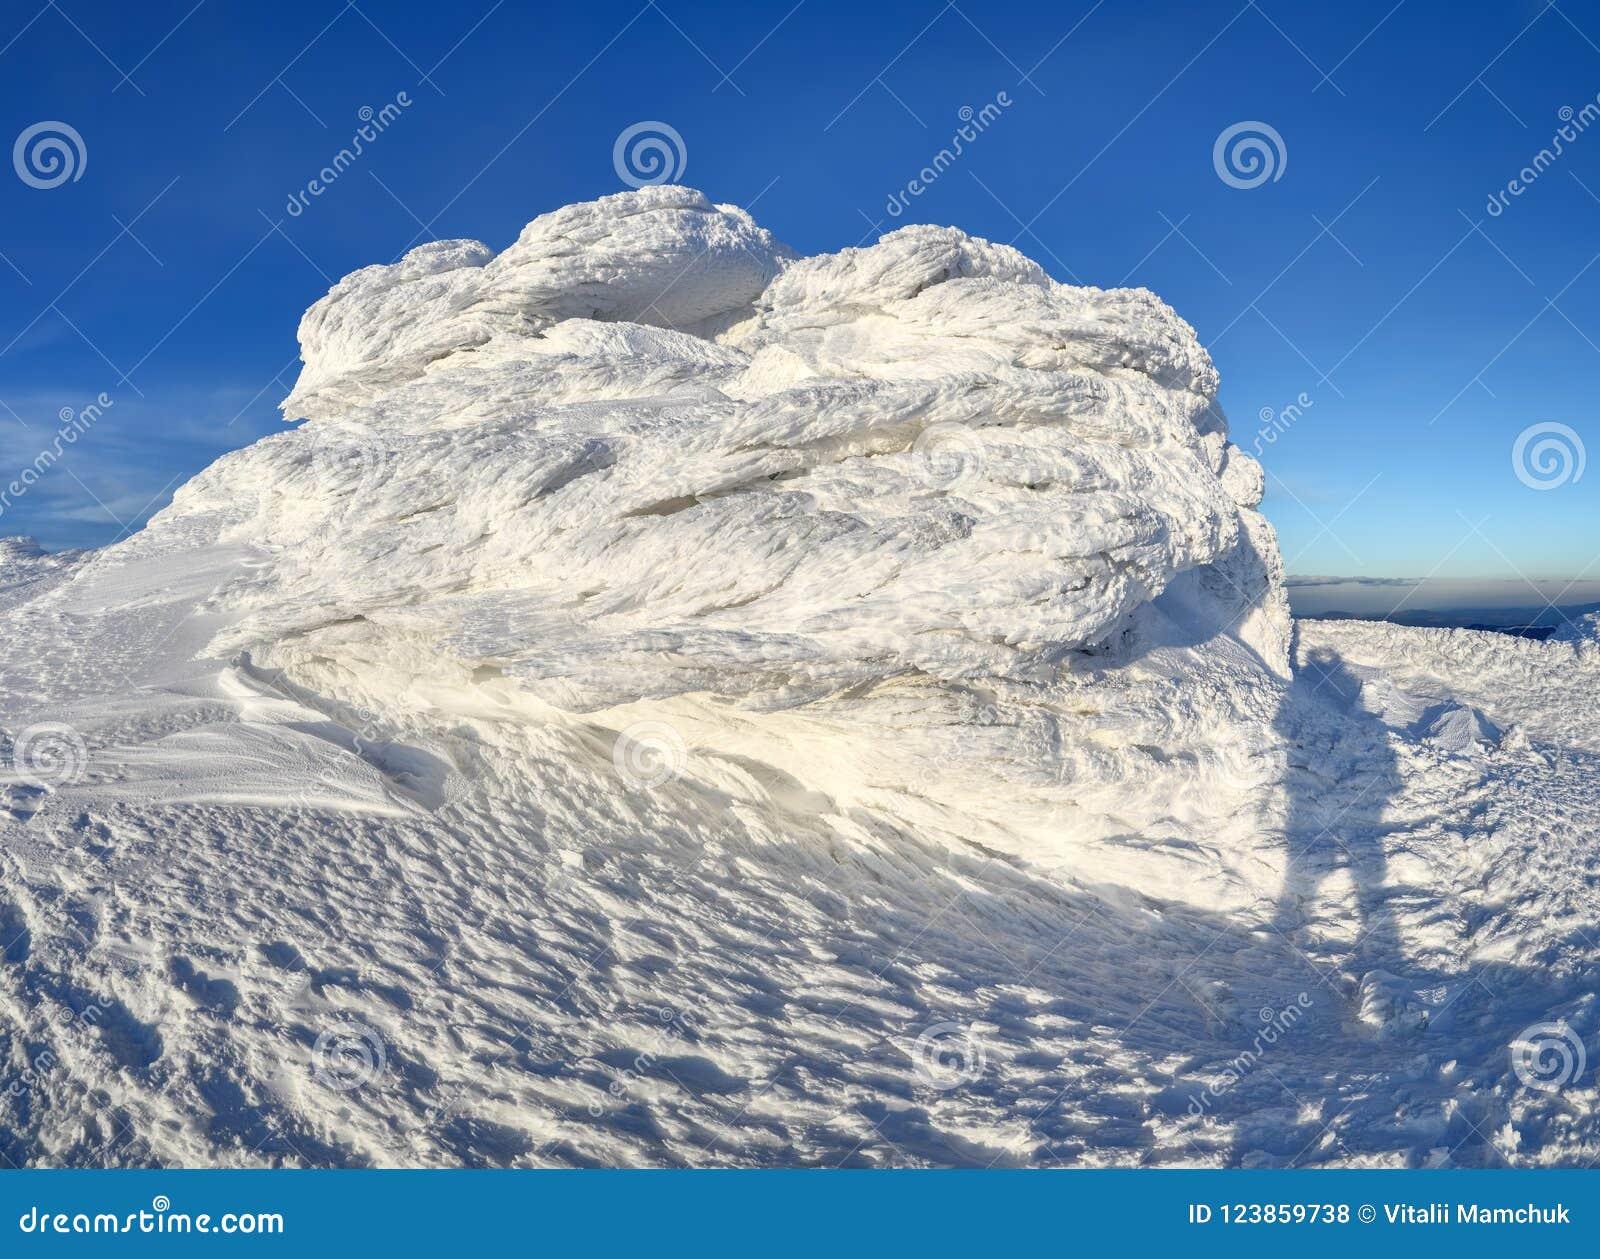 Paesaggio meraviglioso di inverno un giorno soleggiato Struttura irreale, fantastica, mistica, congelata con gelo, ghiaccio e nev